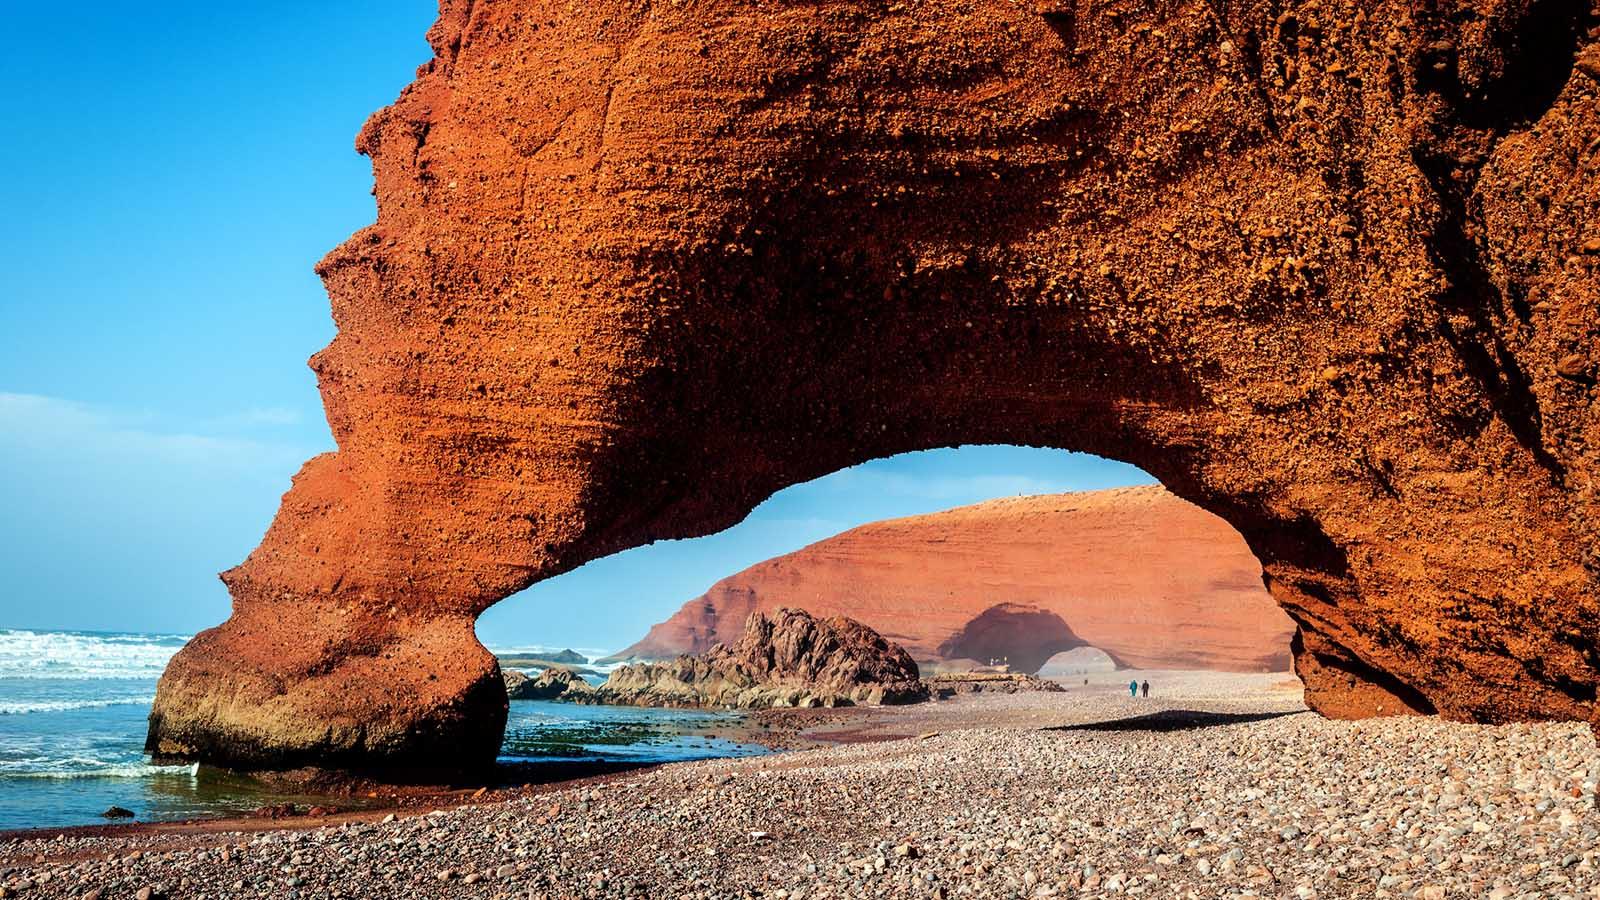 Reiseziele im März - Das sind die 5 besten Urlaubsorte